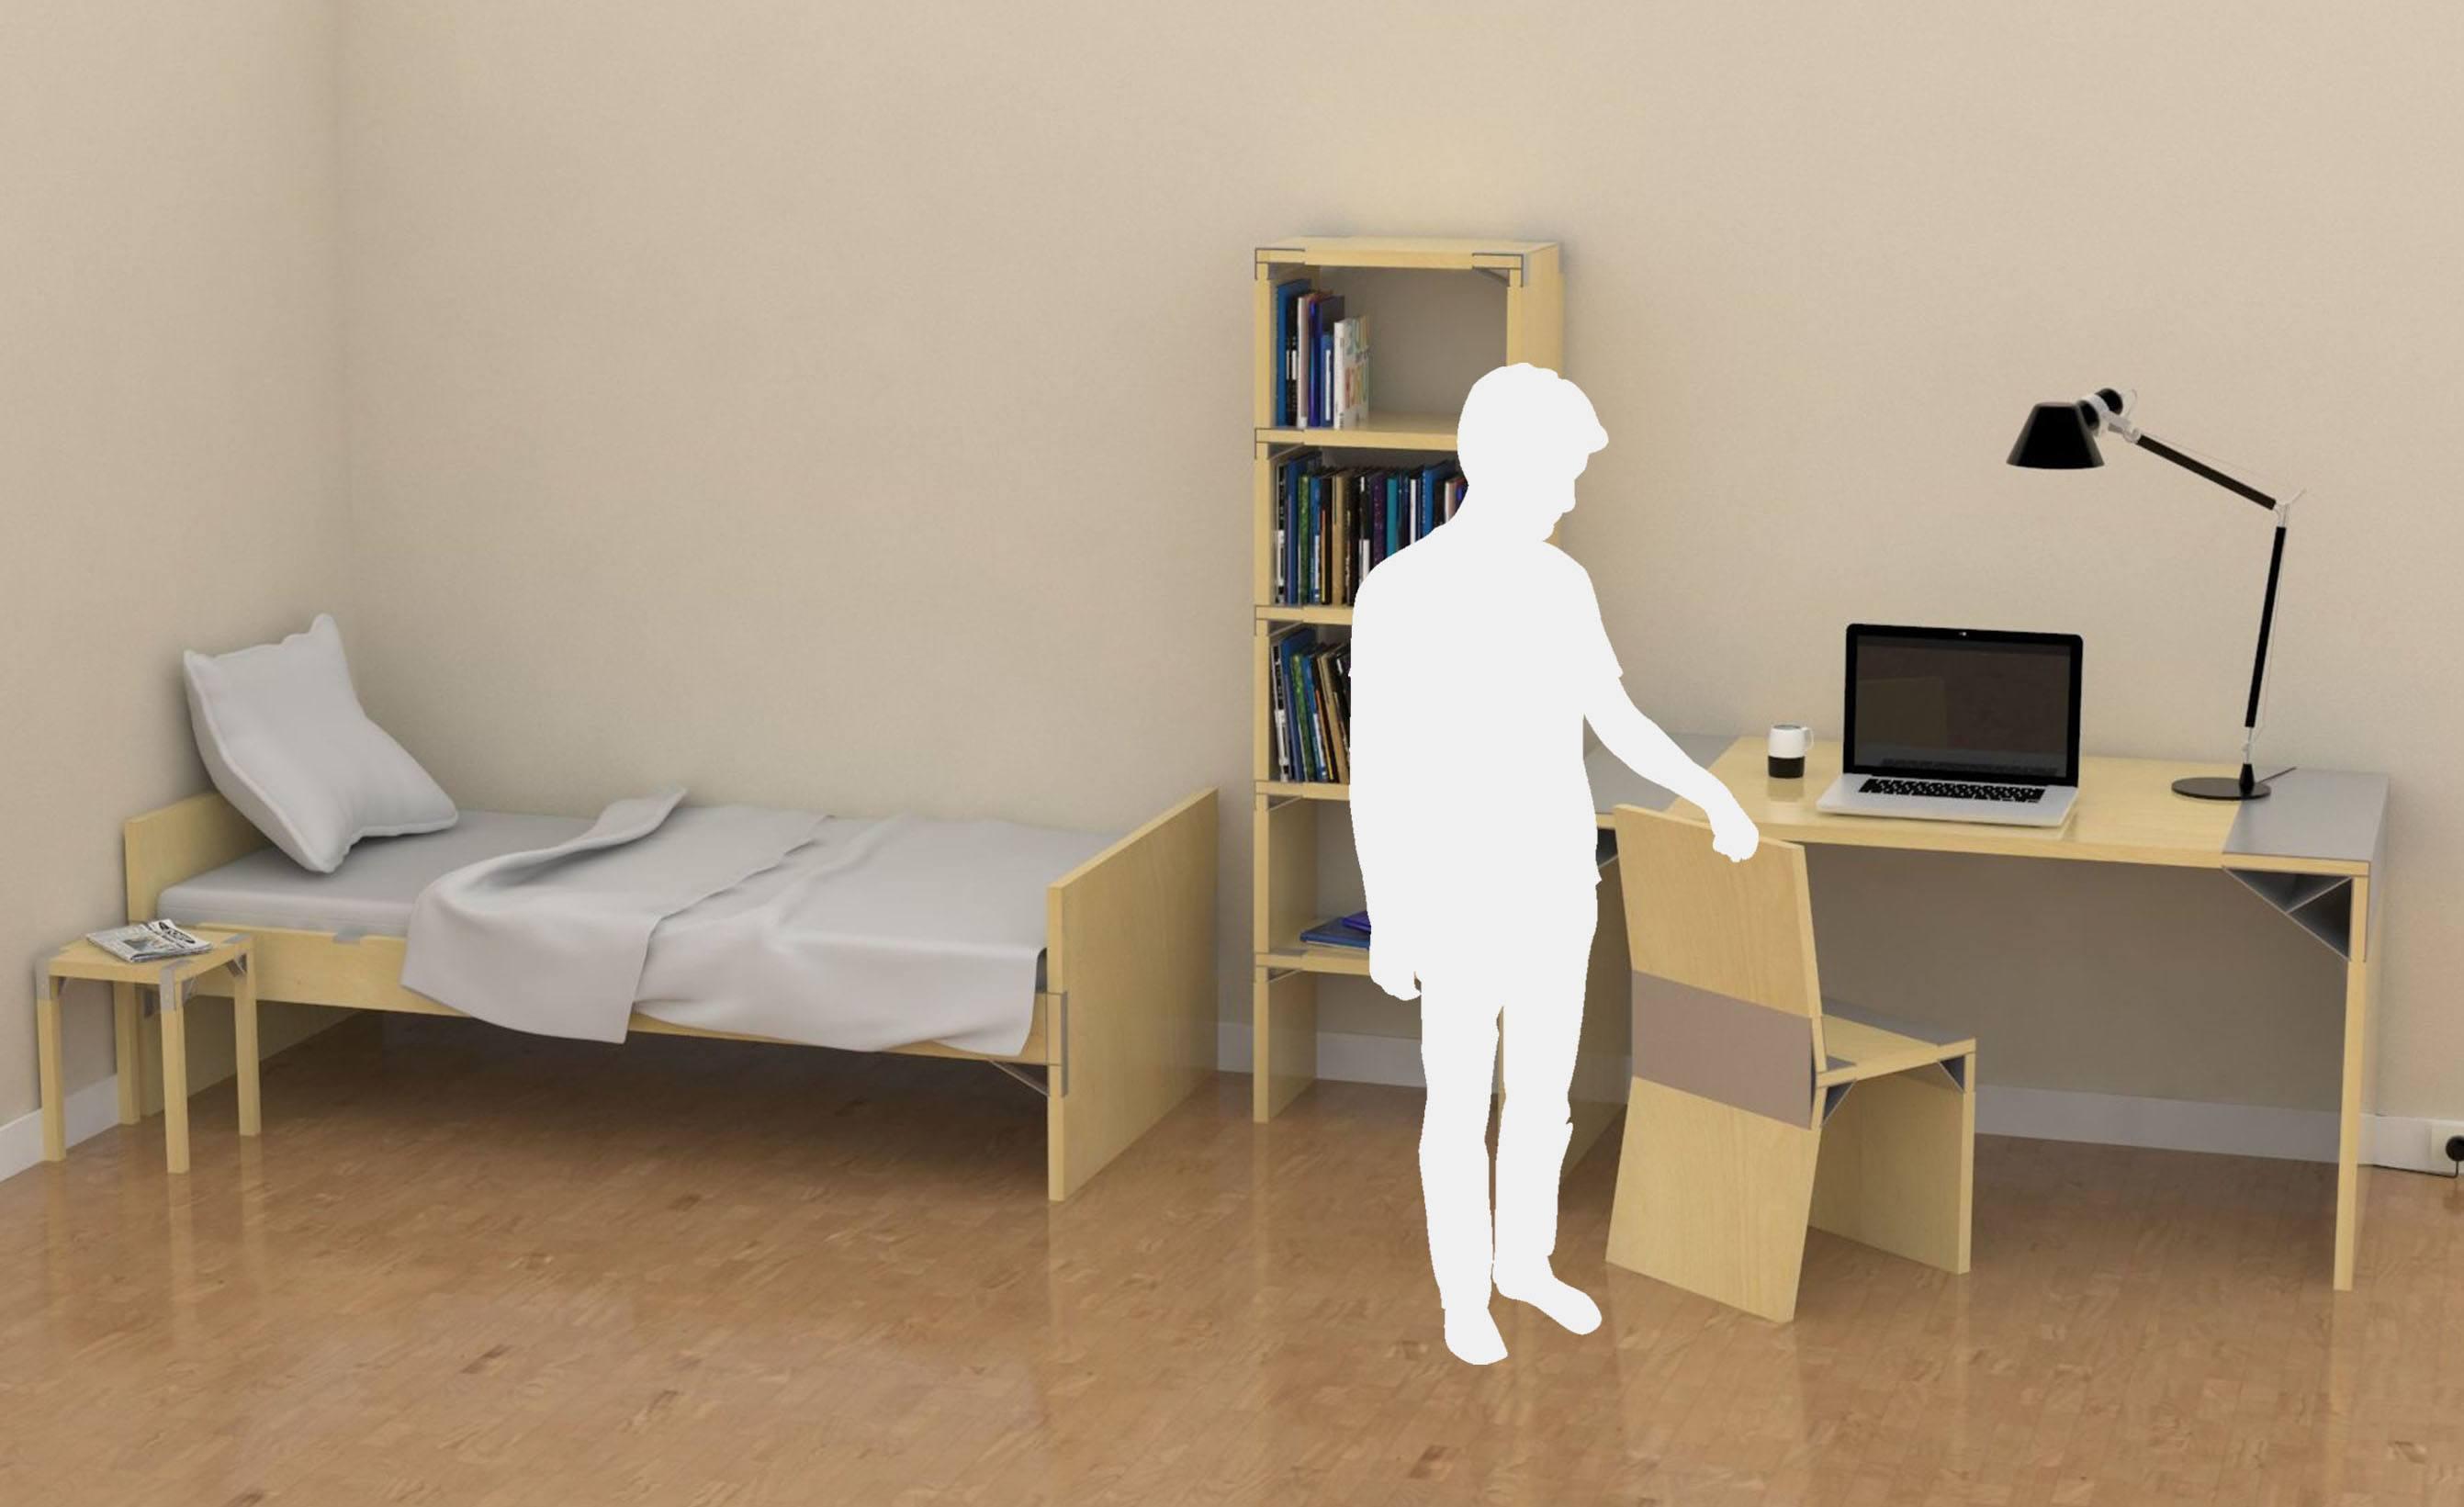 extrusion_furnitures_aluminium_ecodesign_mise_en_situation_2-pierre-felix-so